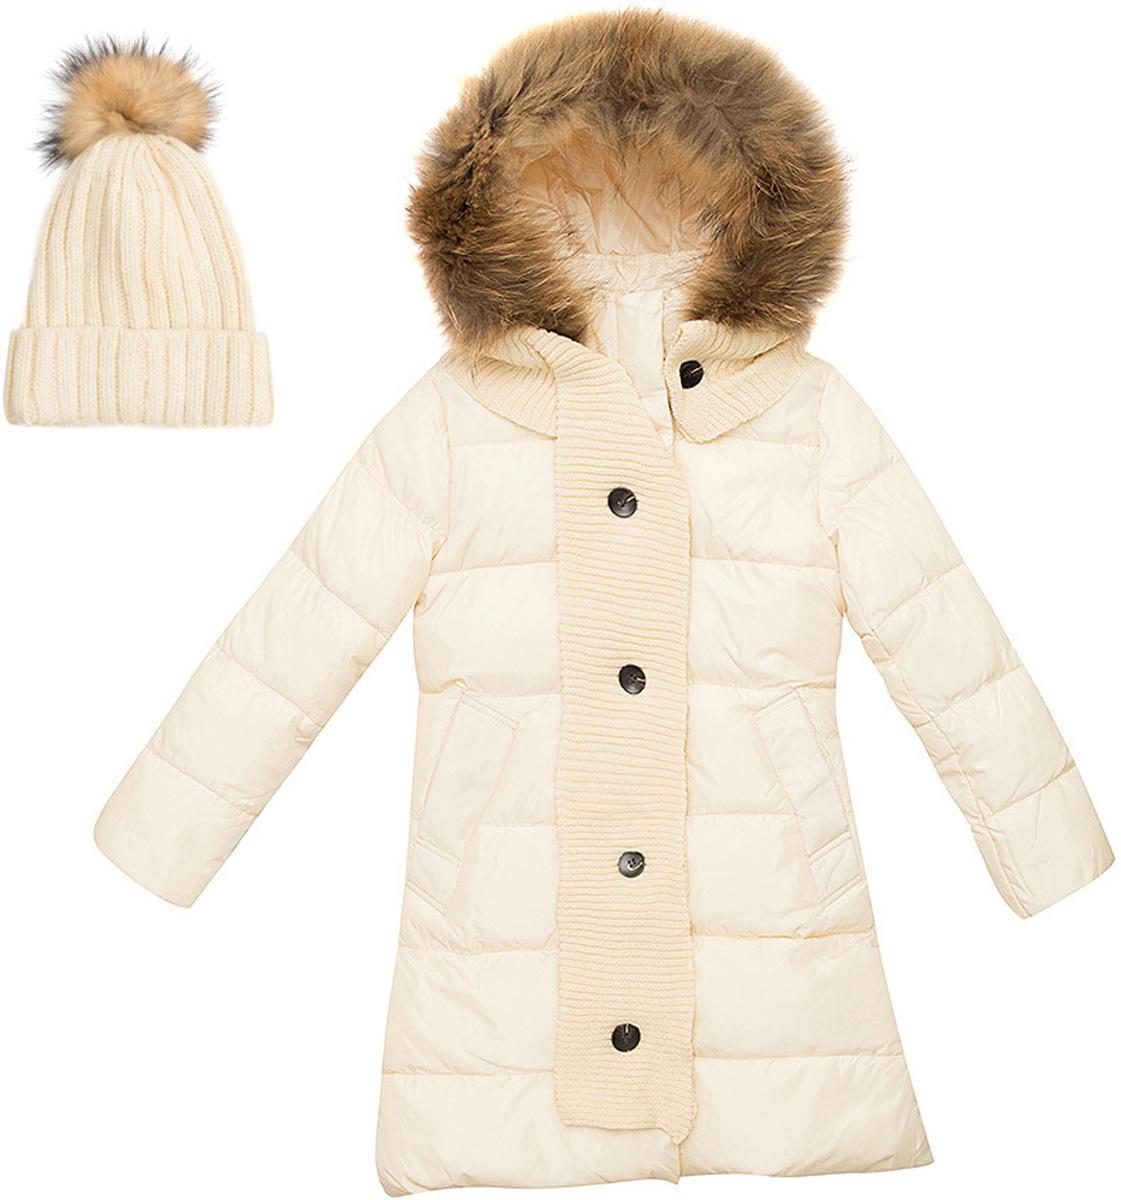 Комплект верхней одежды для девочки Vitacci: куртка, шапка, шарф, цвет: молочный. 2171458-25. Размер 1302171458-25Теплый комплект для девочки Vitacci идеально подойдет для ребенка в холодное время года. Комплект состоит из куртки, шапки и шарфа.Удлиненная куртка, изготовленная из полиэстера, станет стильнымдополнением к детскому гардеробу.Подкладка выполнена из полиэстера и дополнительно утеплена флисом по спинке. В качестве наполнителя используется биопух.Модель застегивается на застежку-молнию и имеет съемный капюшон с отделкой из натурального меха. Спереди расположены два кармана.Шапка с отворотом декорирована на макушке помпоном из натурального меха. Входящий в комплект шарф может служить дополнительно декором к куртке. Температурный режим от -10°С до -25°С.Теплая, удобная и практичная куртка идеально подойдет юной моднице для прогулок!